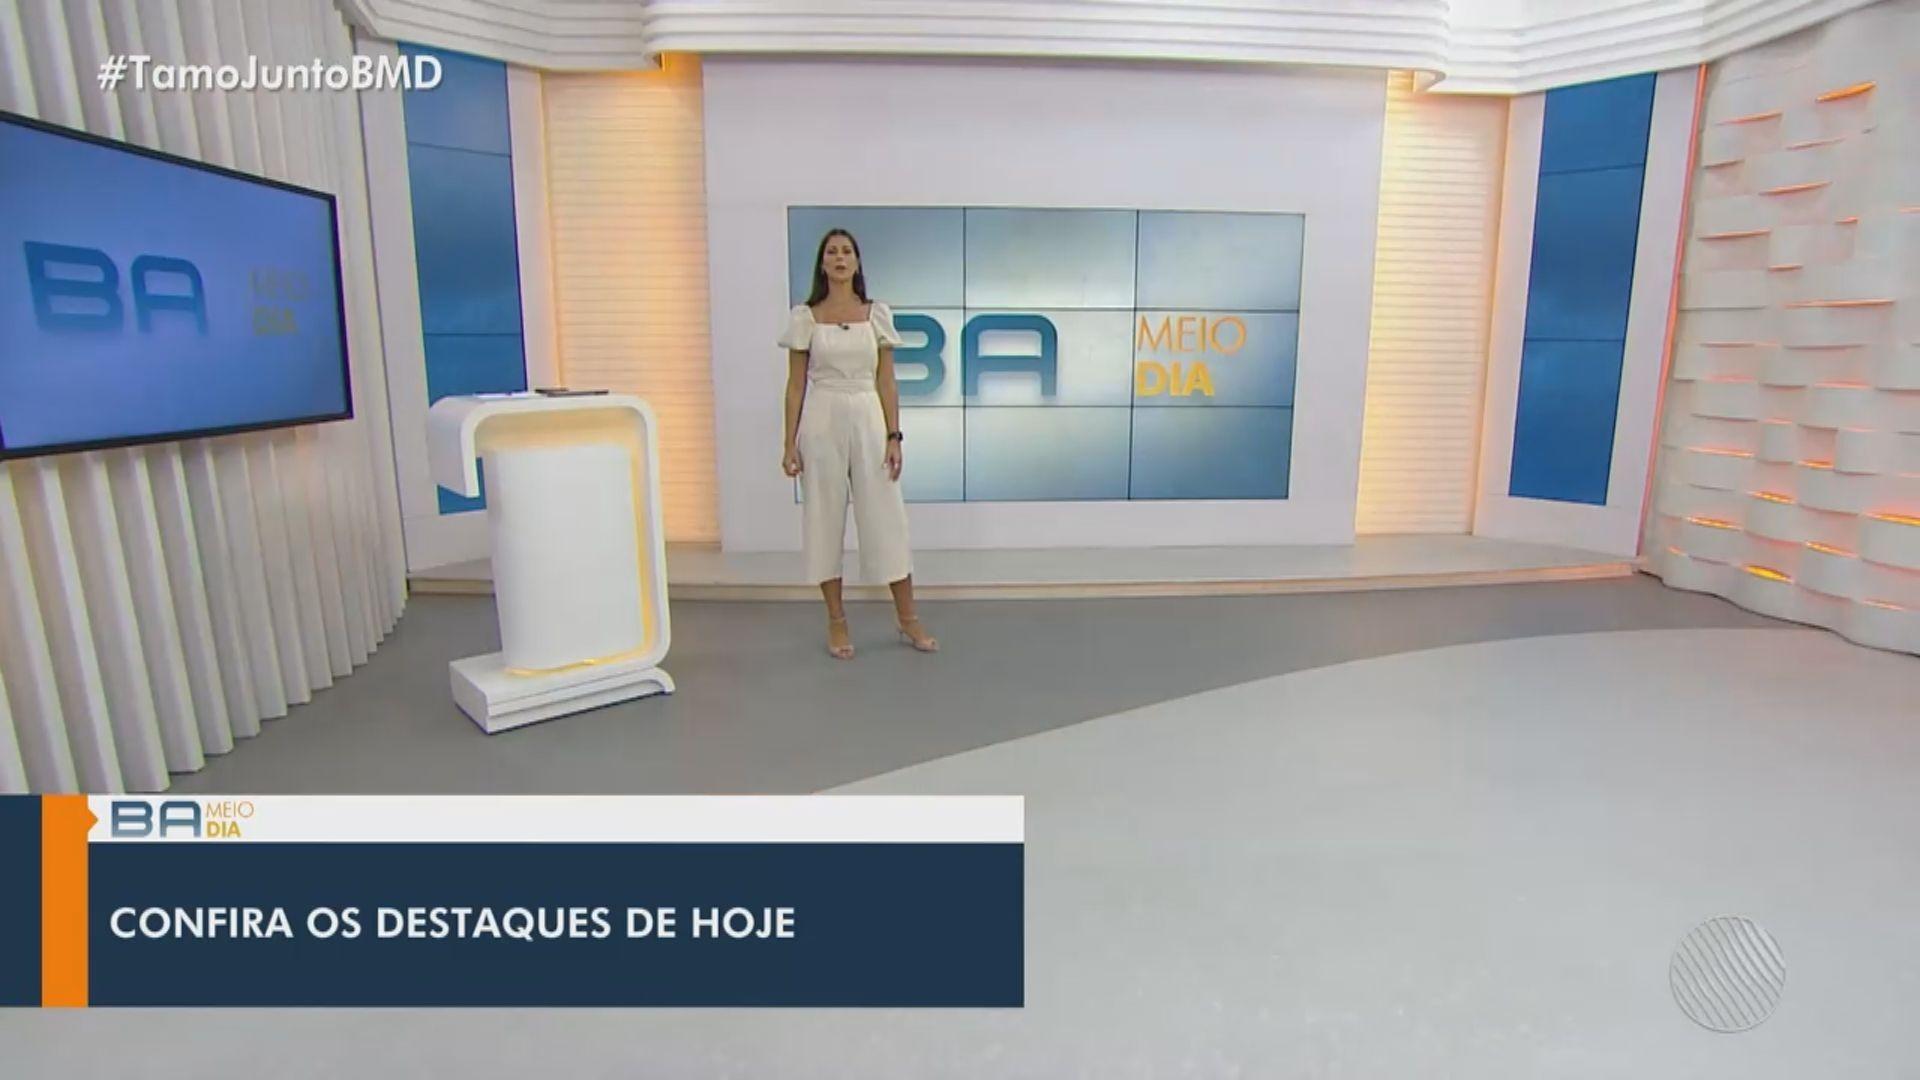 Vídeos do g1 e TV Bahia - sábado, 23 de outubro de 2021